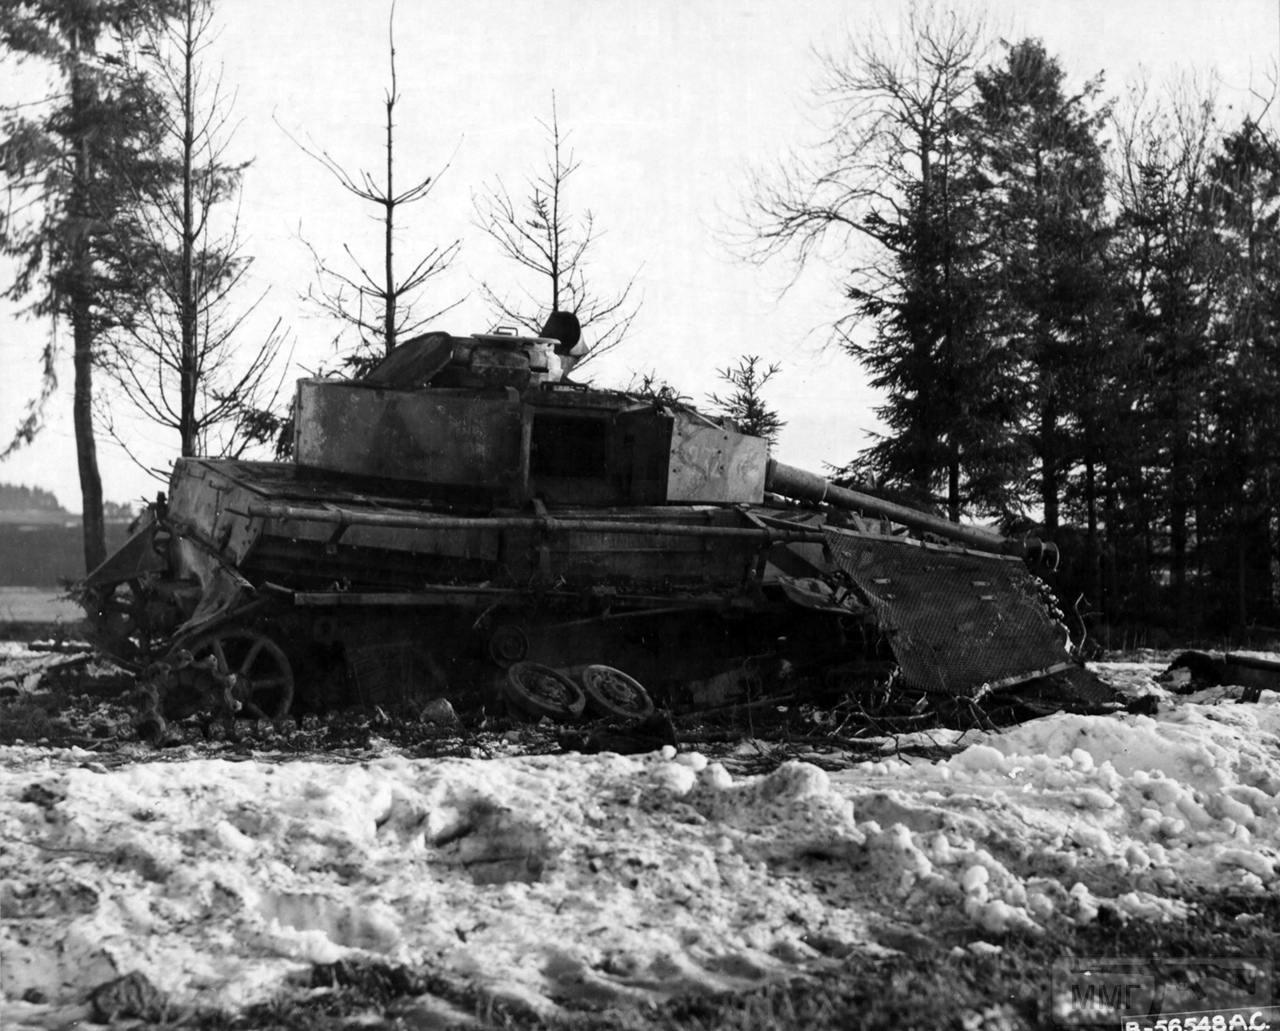 86635 - Achtung Panzer!